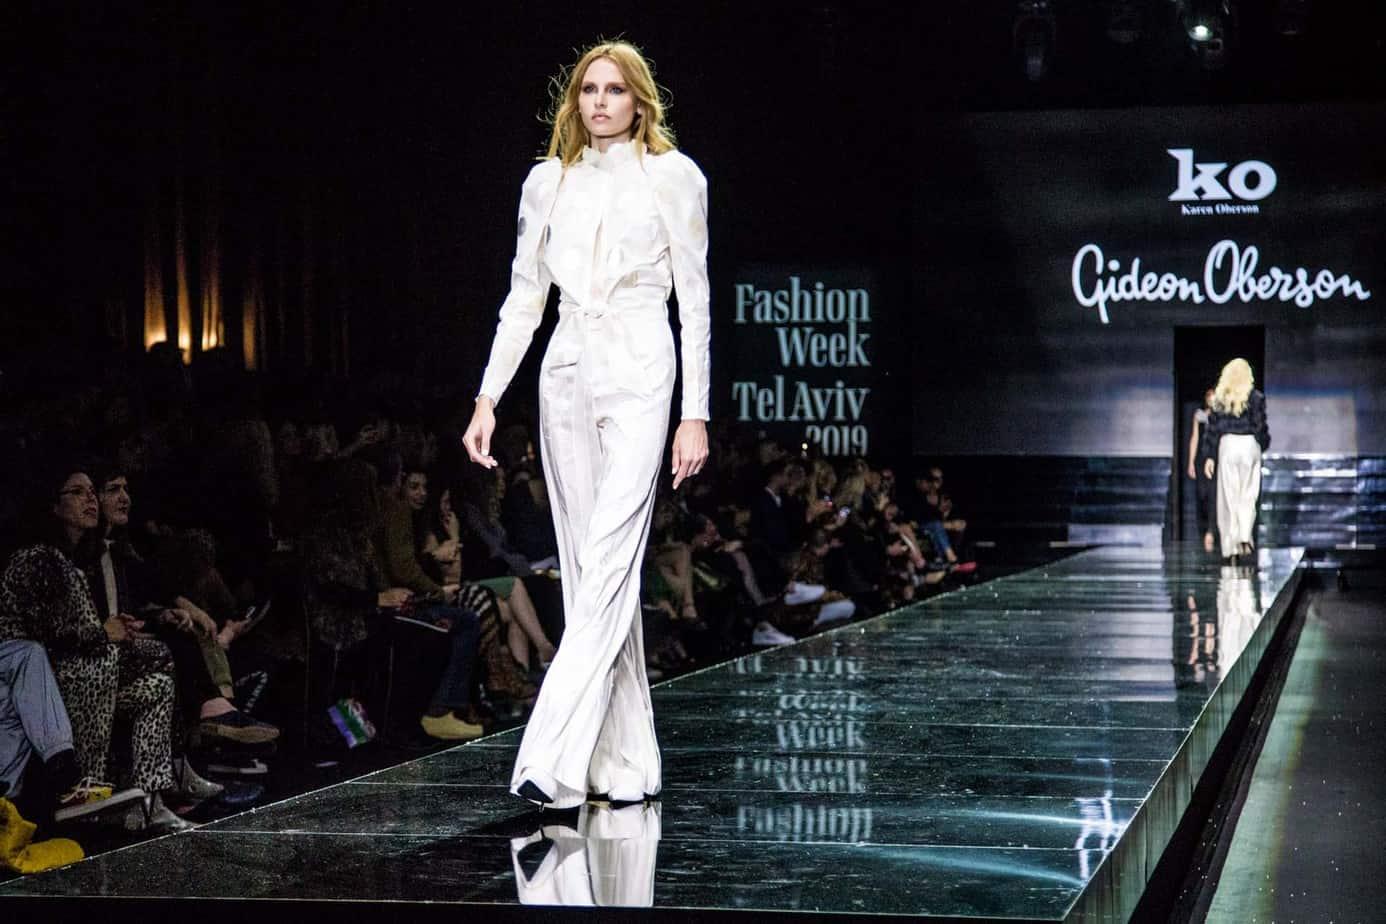 גדעון אוברזון, שבוע האופנה תל אביב 2019, צילום אלכס פרגמנט - 23